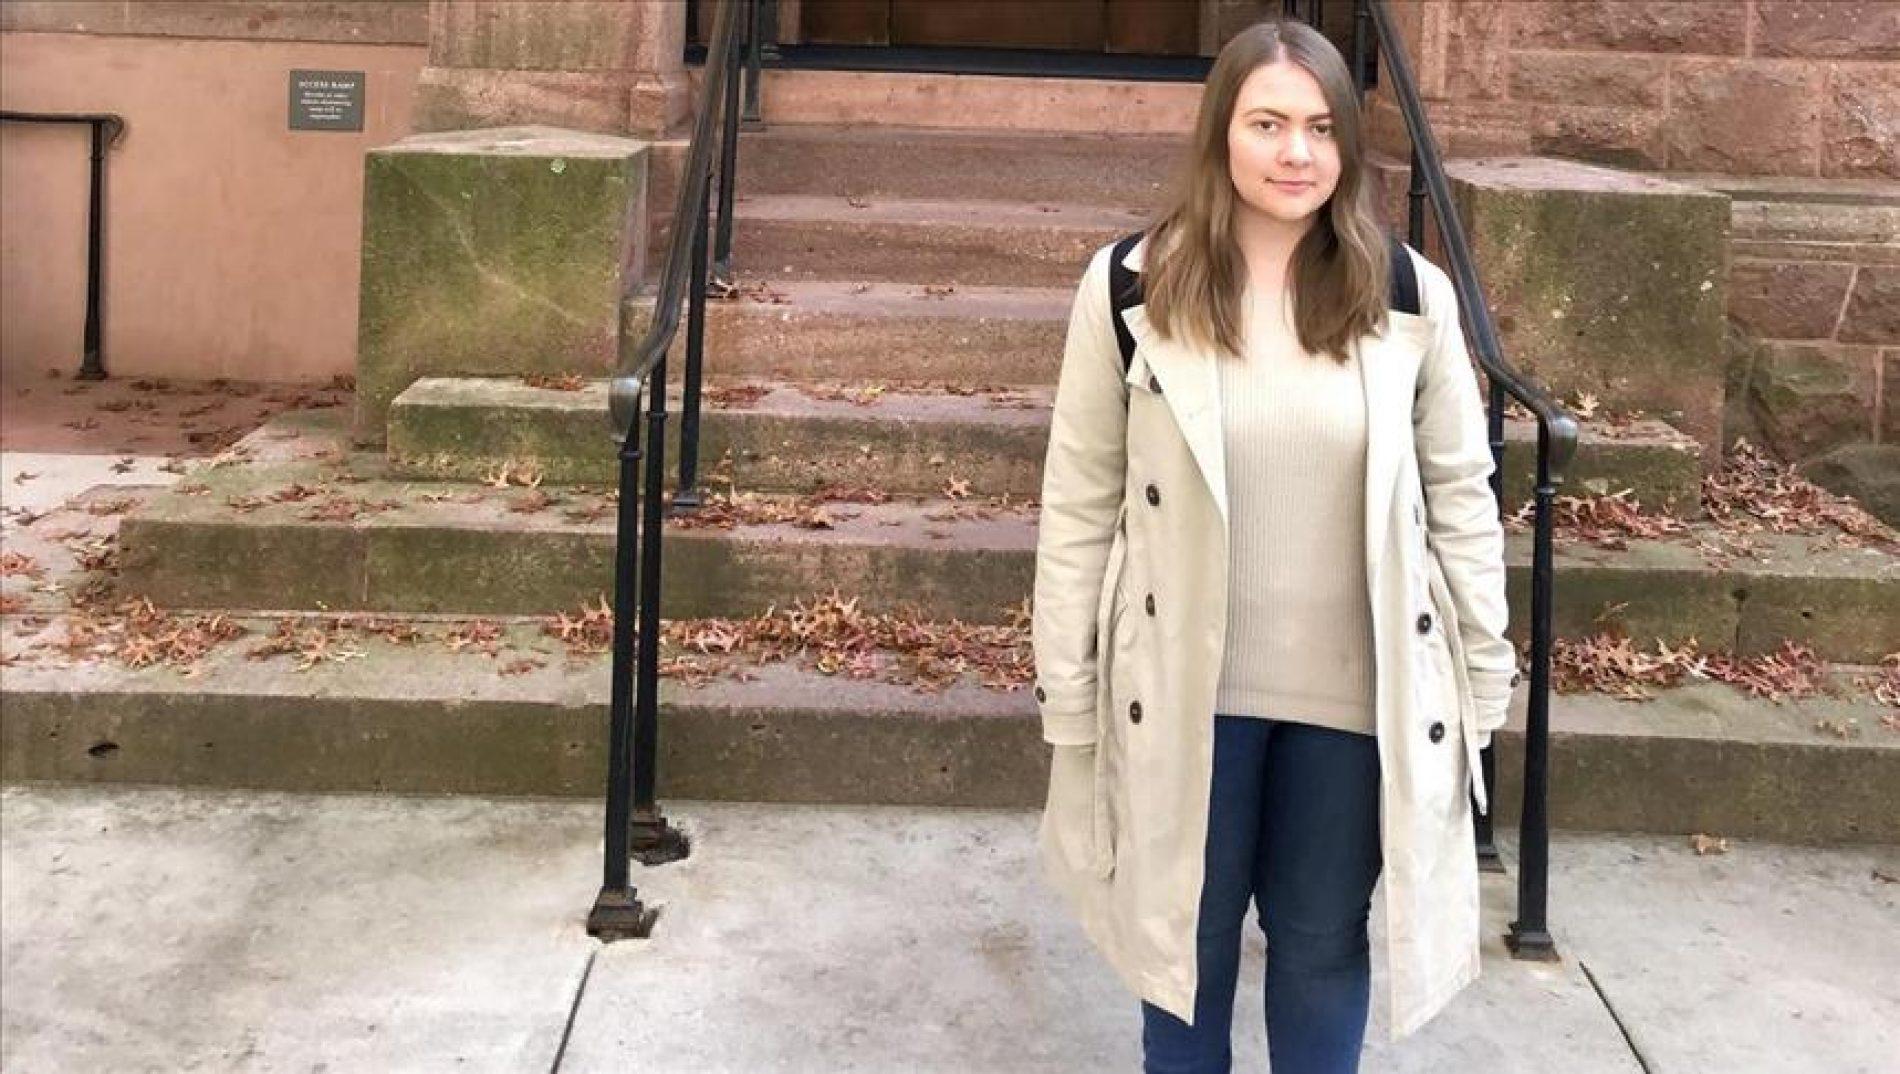 Univerzitet Yale: Hana Galijašević osvojila 14 medalja na turniru šampiona iz općeg znanja